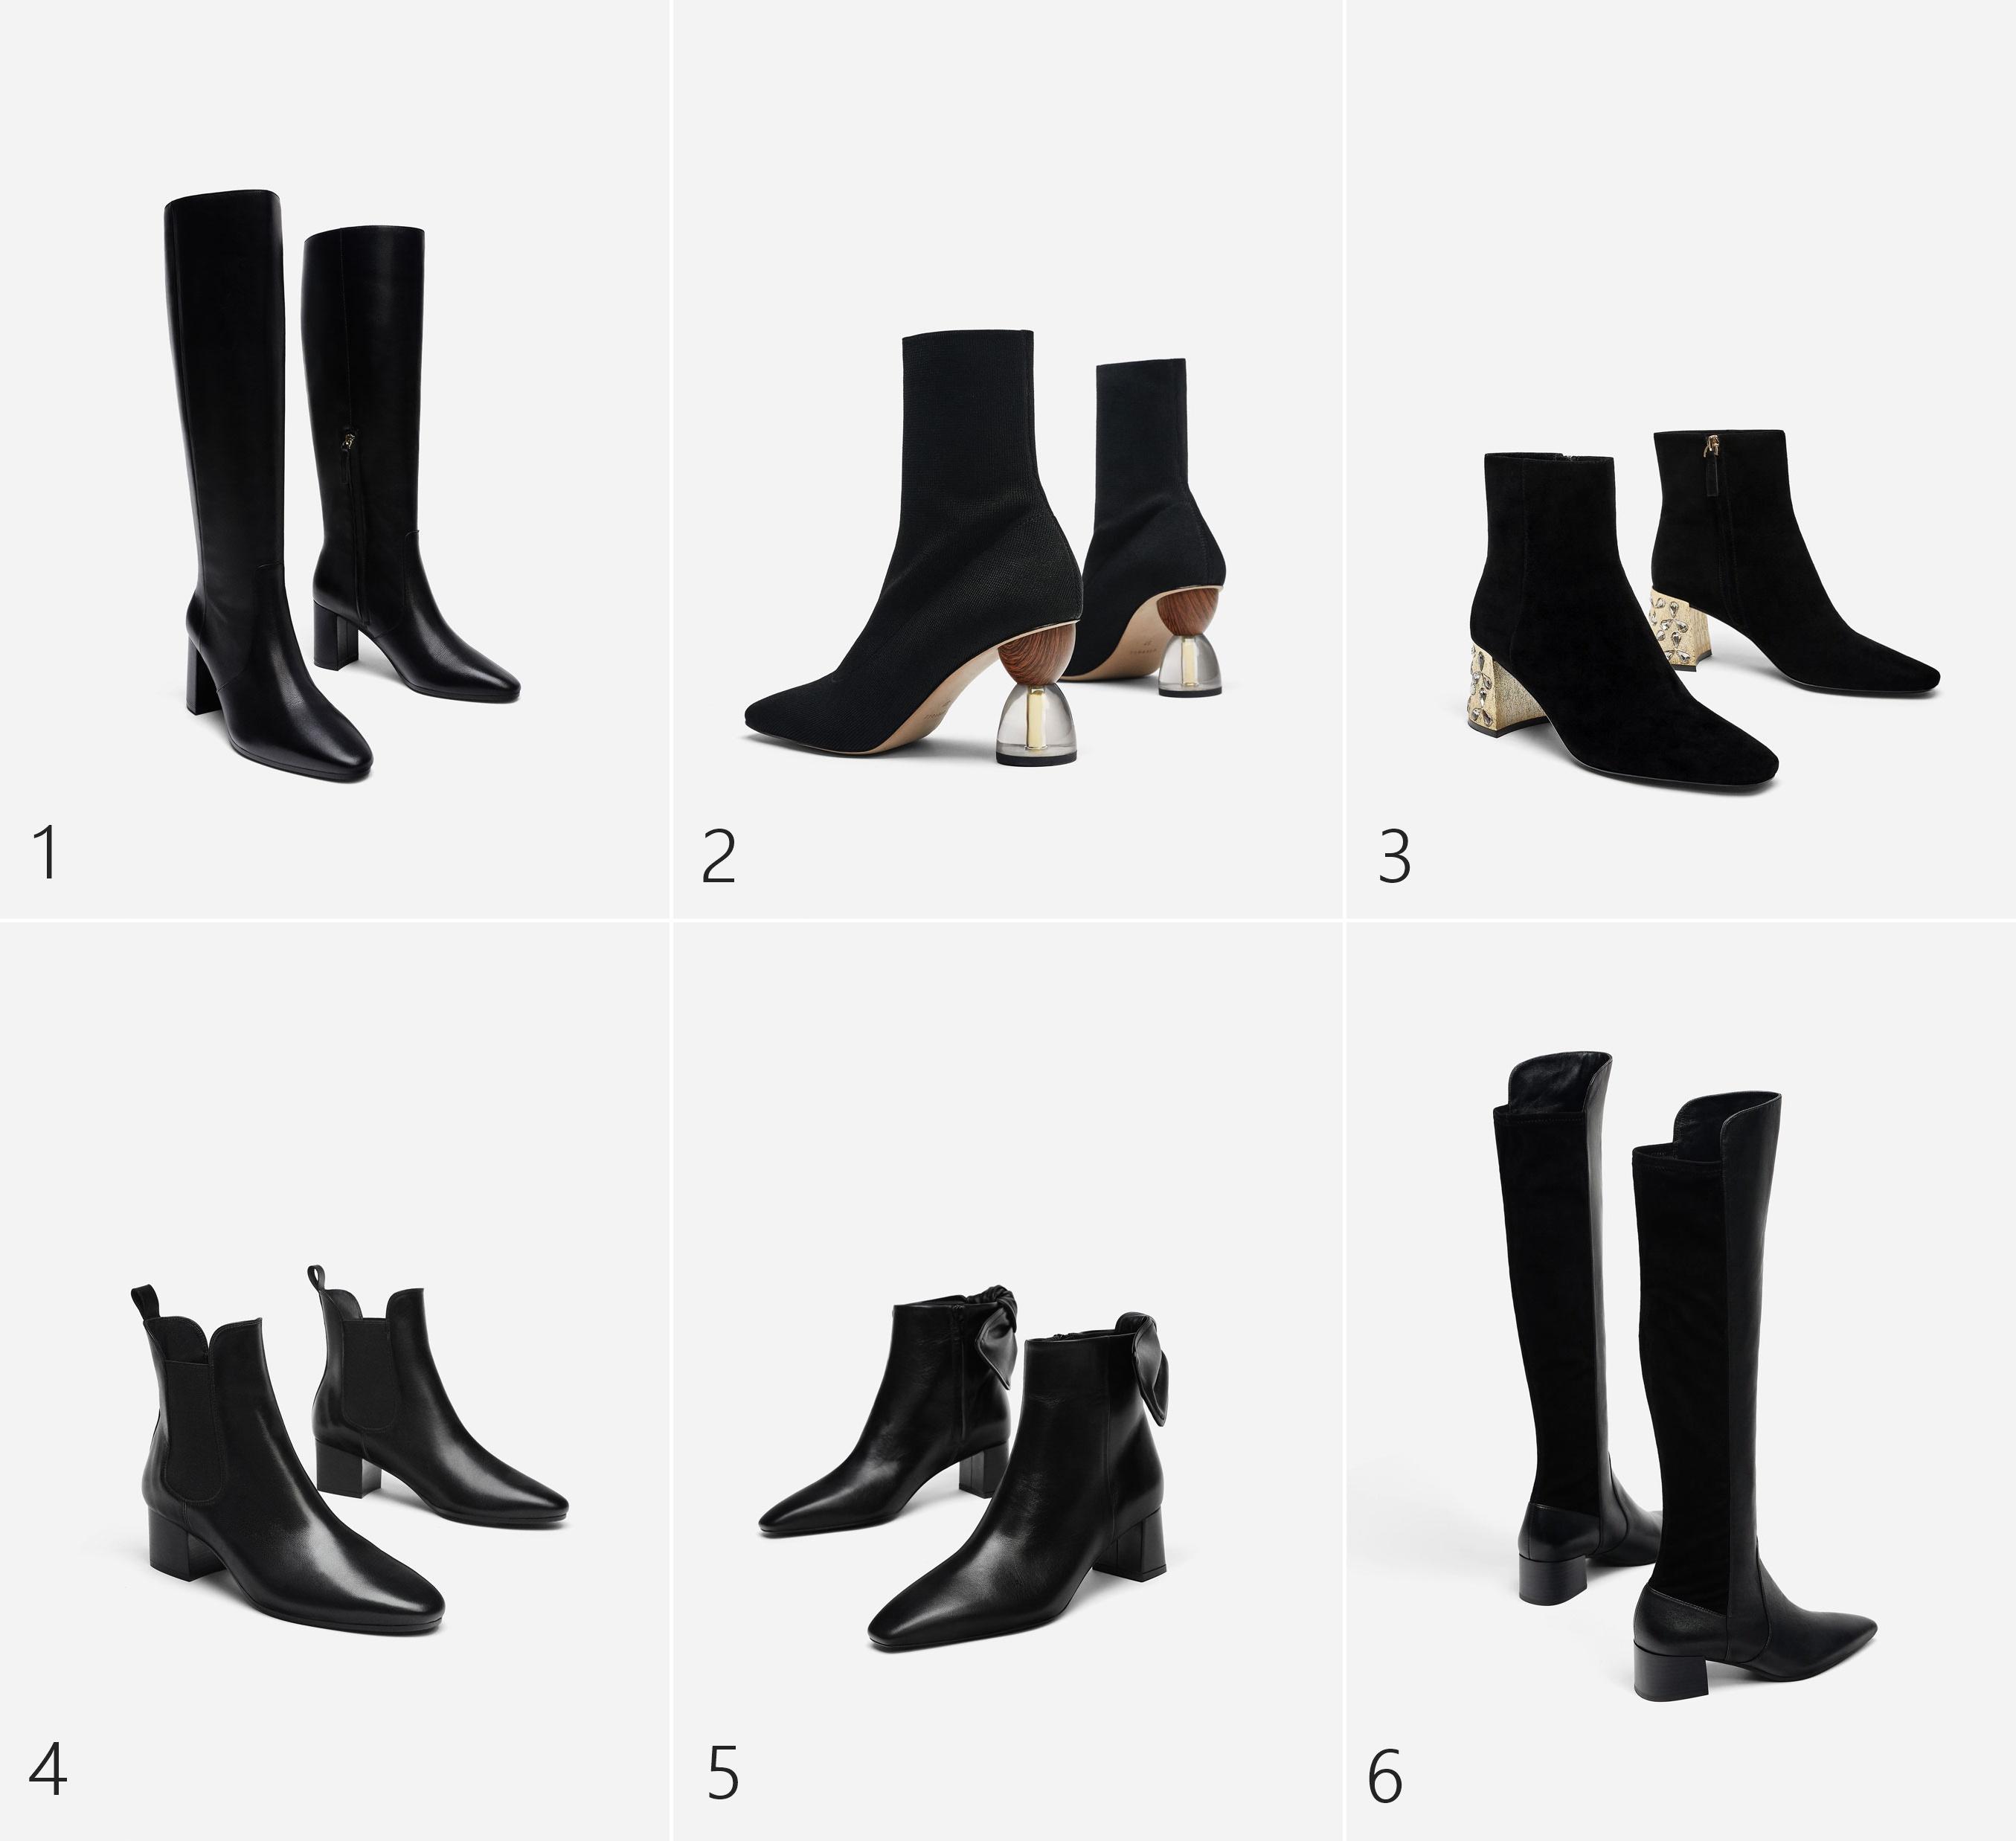 basicos-botines-negros-uterque